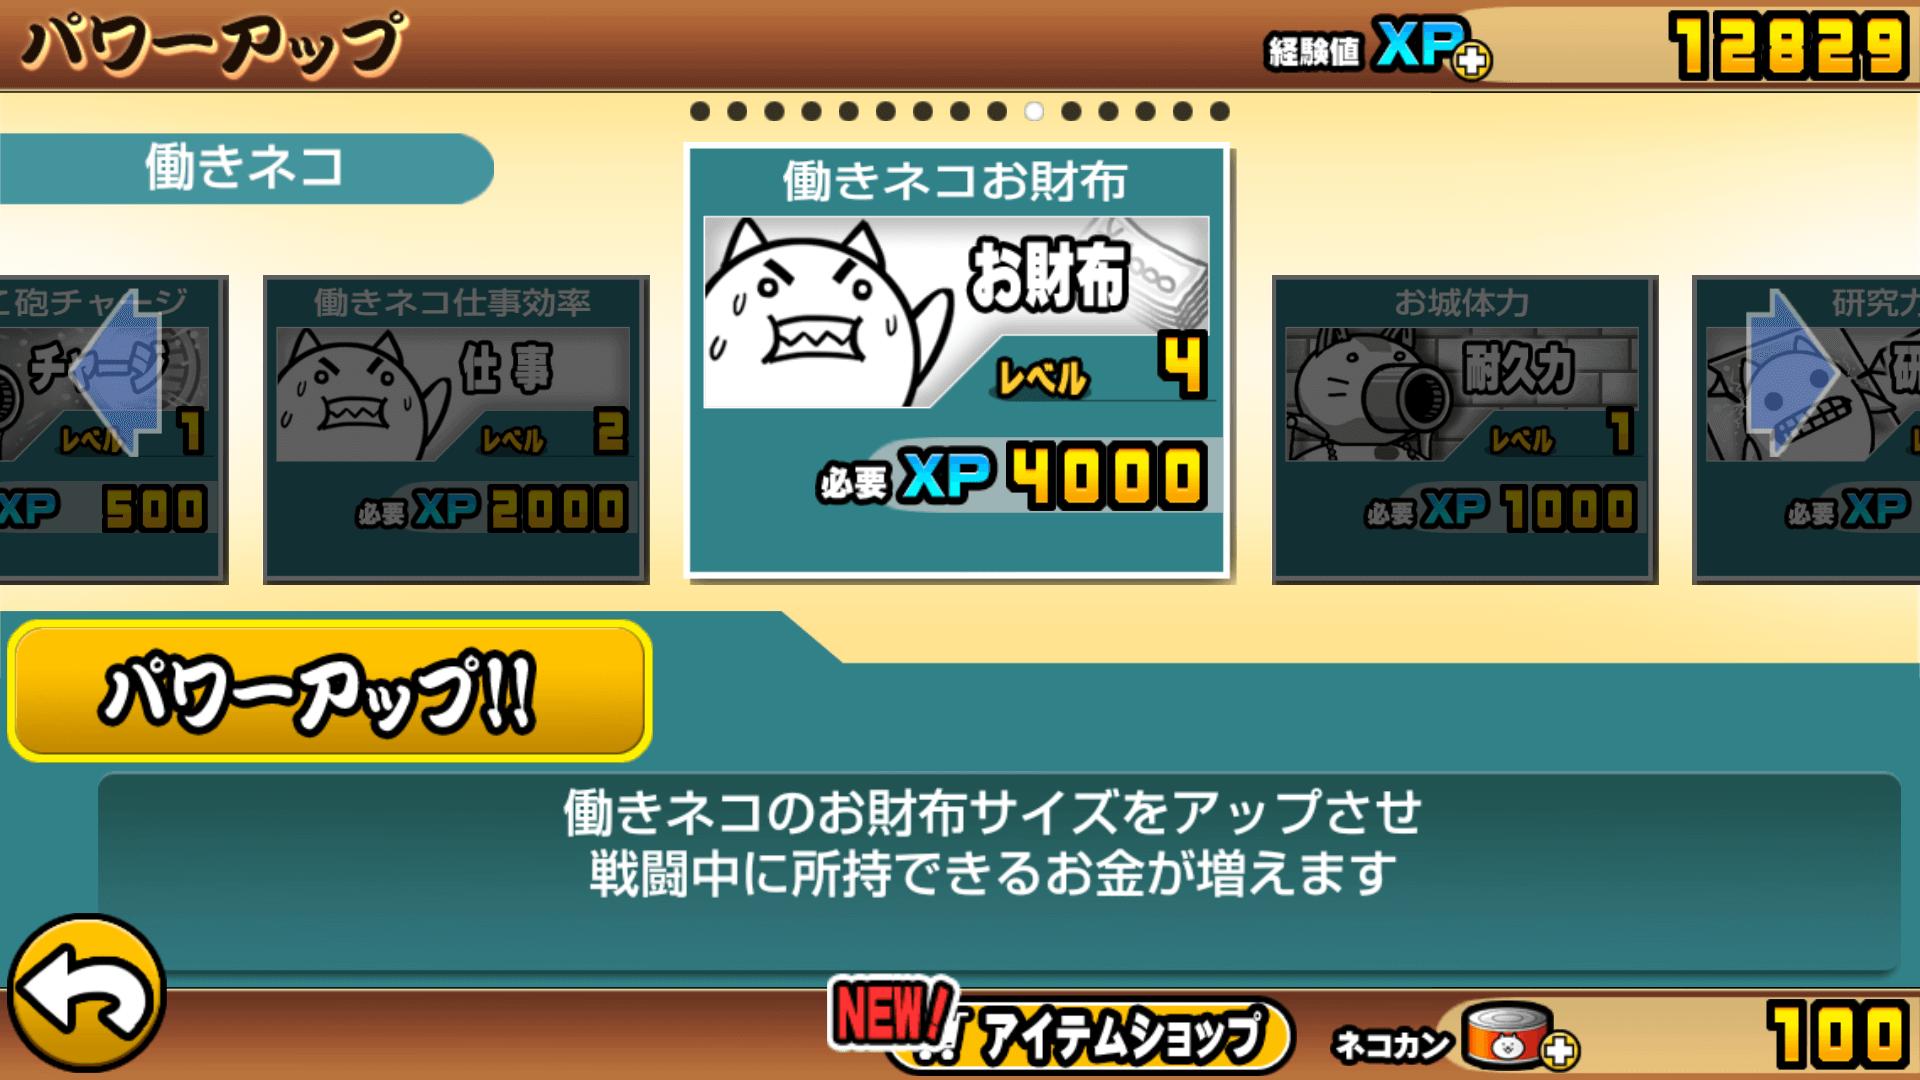 レベル4の働きネコお財布